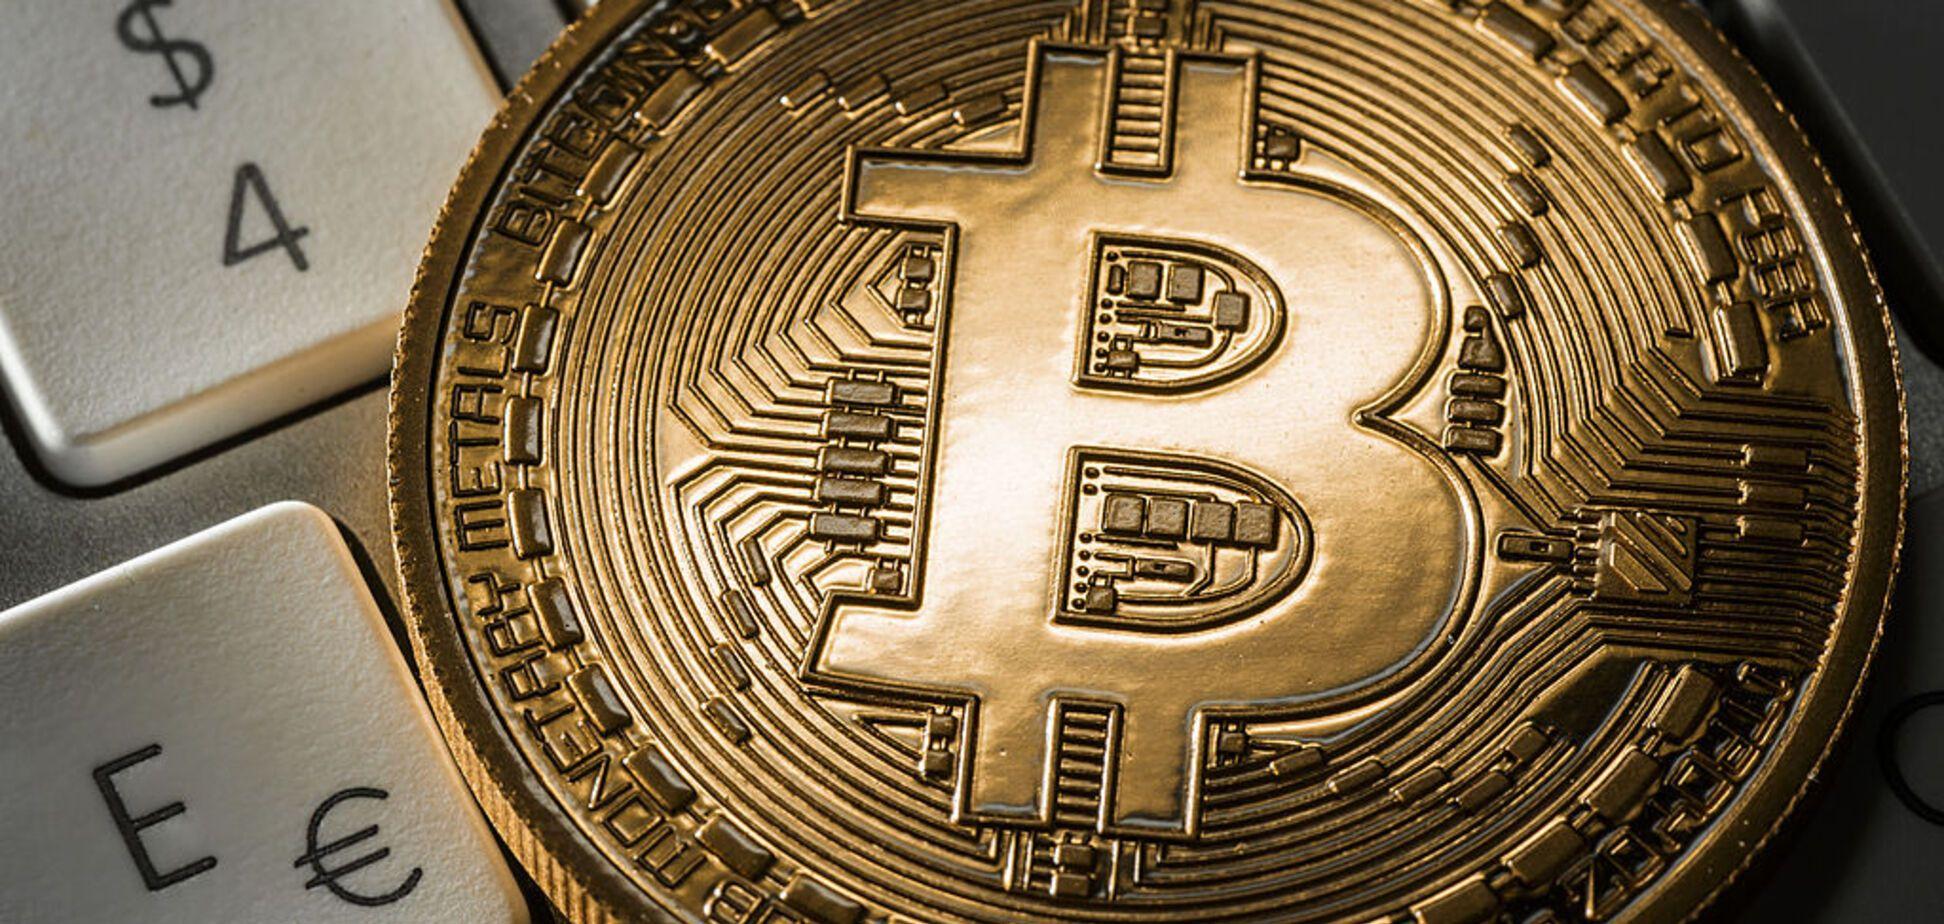 Биткоин обвалится: один из первых криптоинвесторов шокировал цифрами